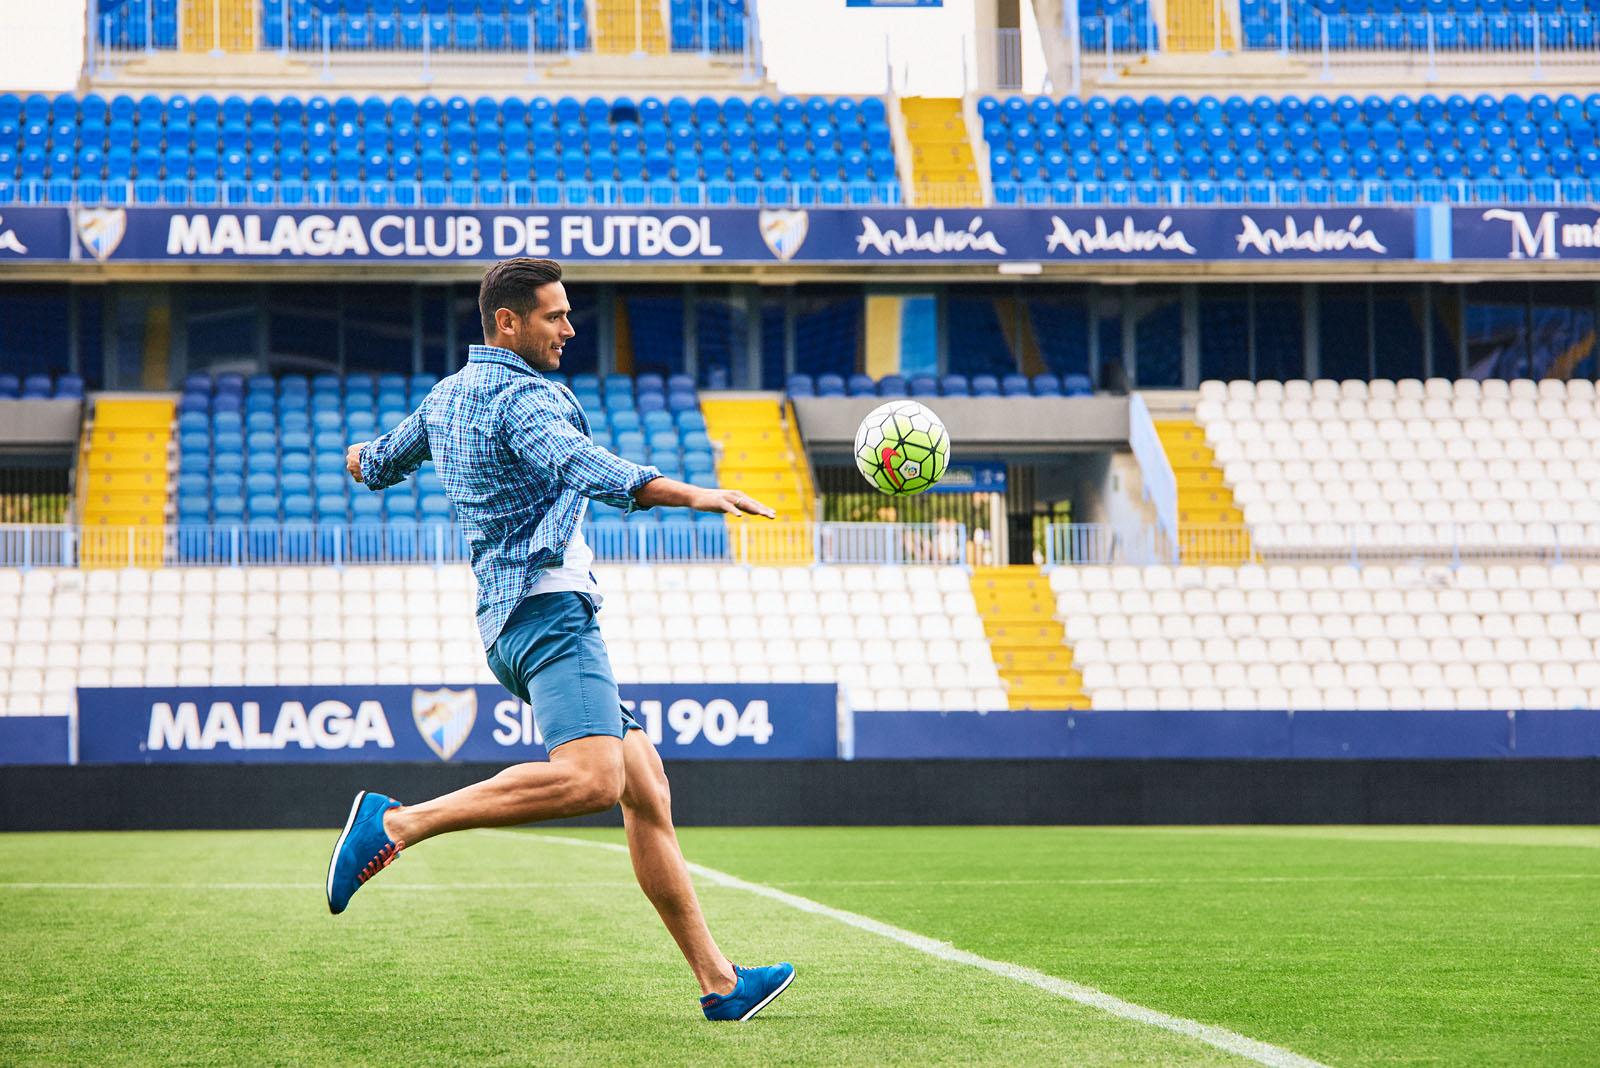 Fotografía para Makarthy, patrocinador del Málaga C.F.